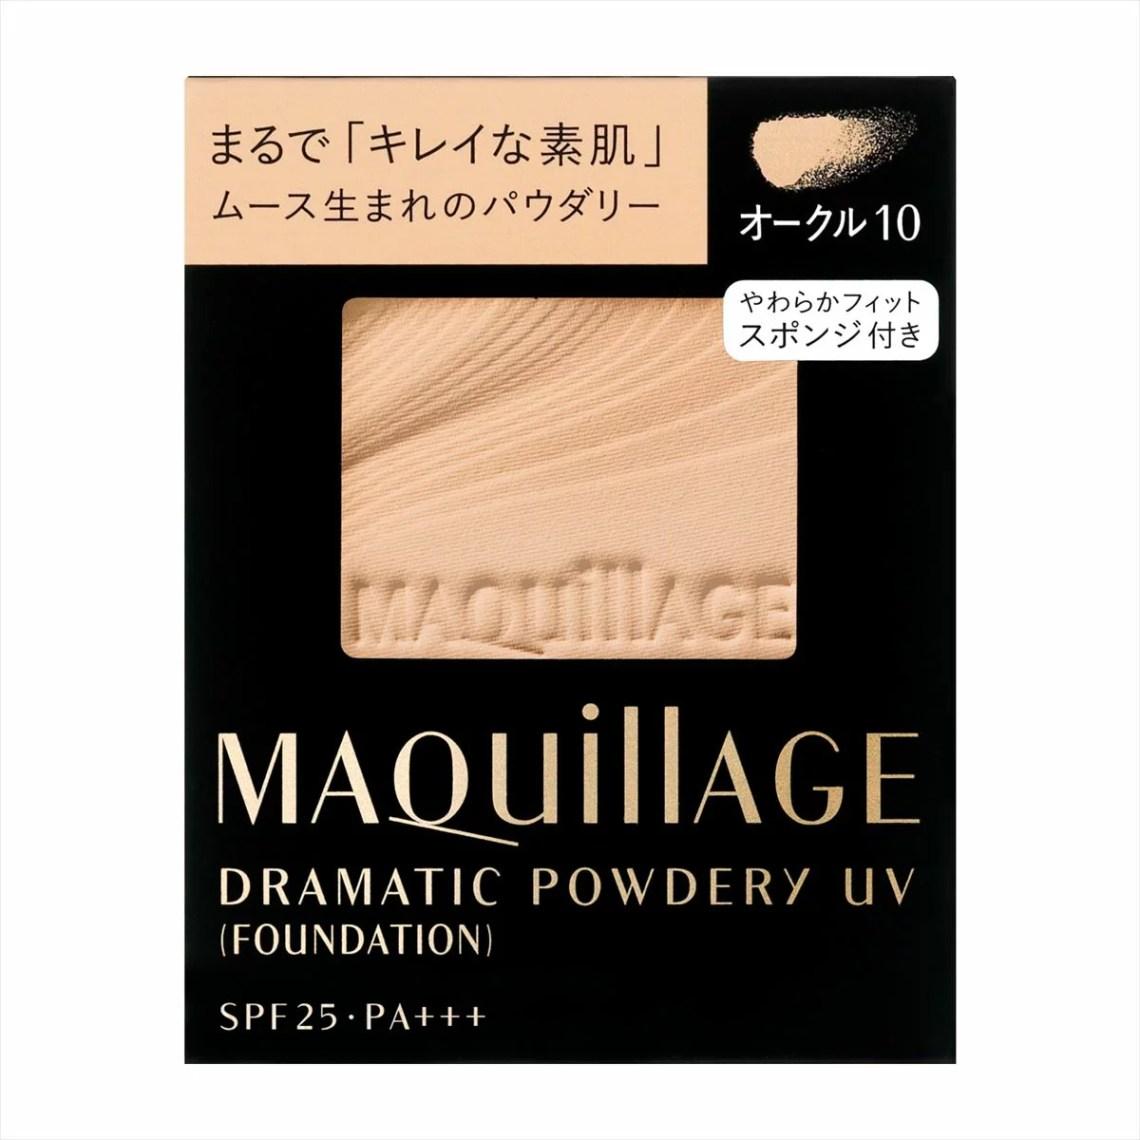 【資生堂認定オンラインショップ】資生堂 マキアージュドラマティックパウダリー UV(レフィル) オー